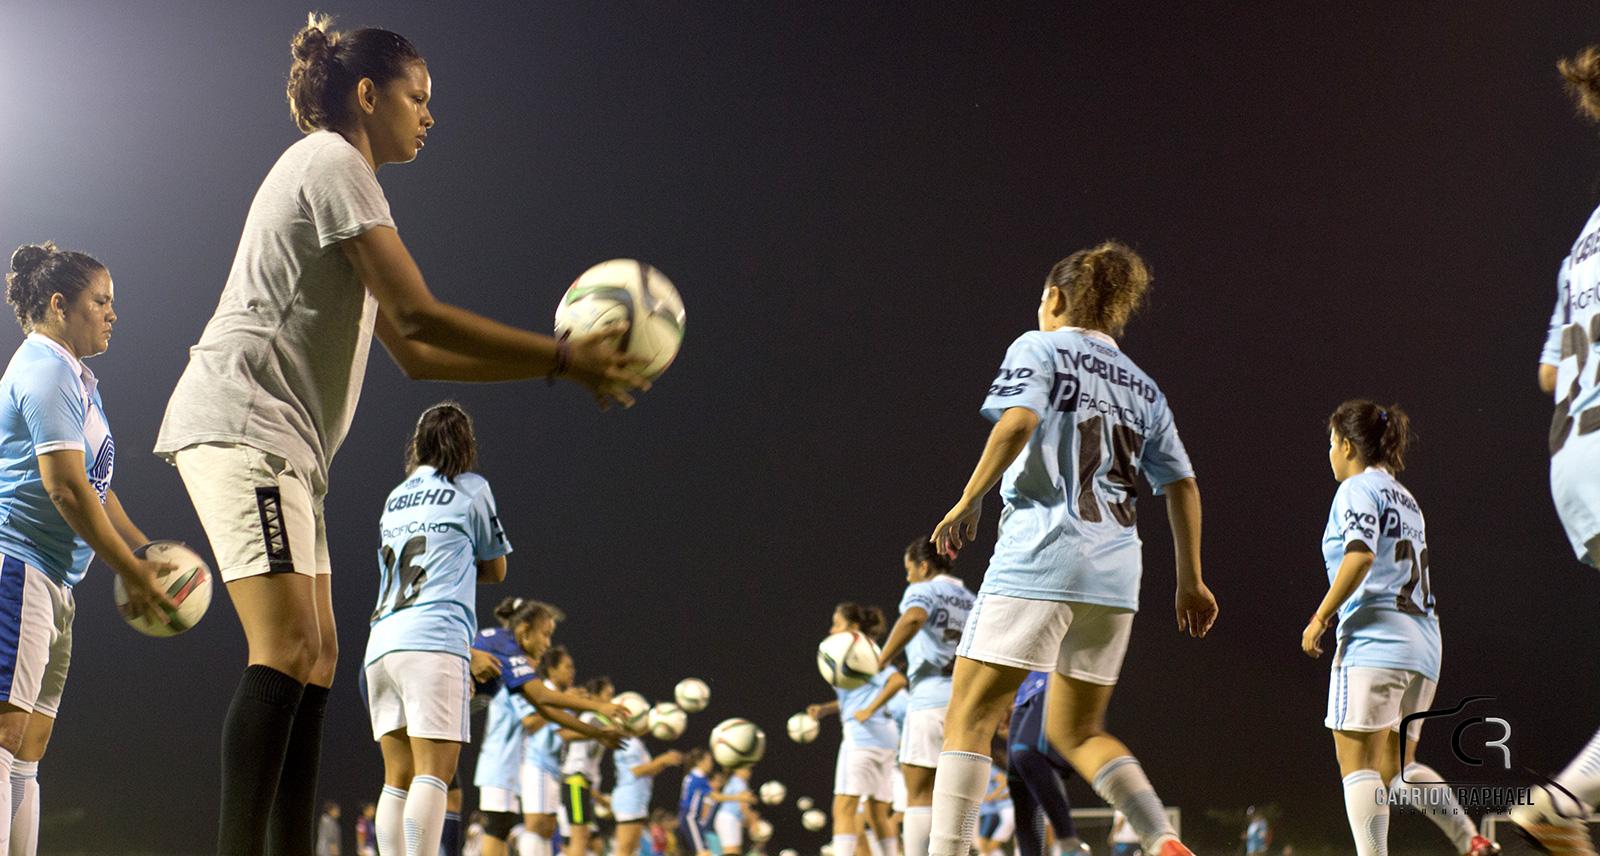 El Equipo de fútbol femenino del Club Sport Emelec nació en el año 2000.  Los inicios del club fueron como un equipo Amateur. Desde su conformación  ha ... 5b464526ceb86